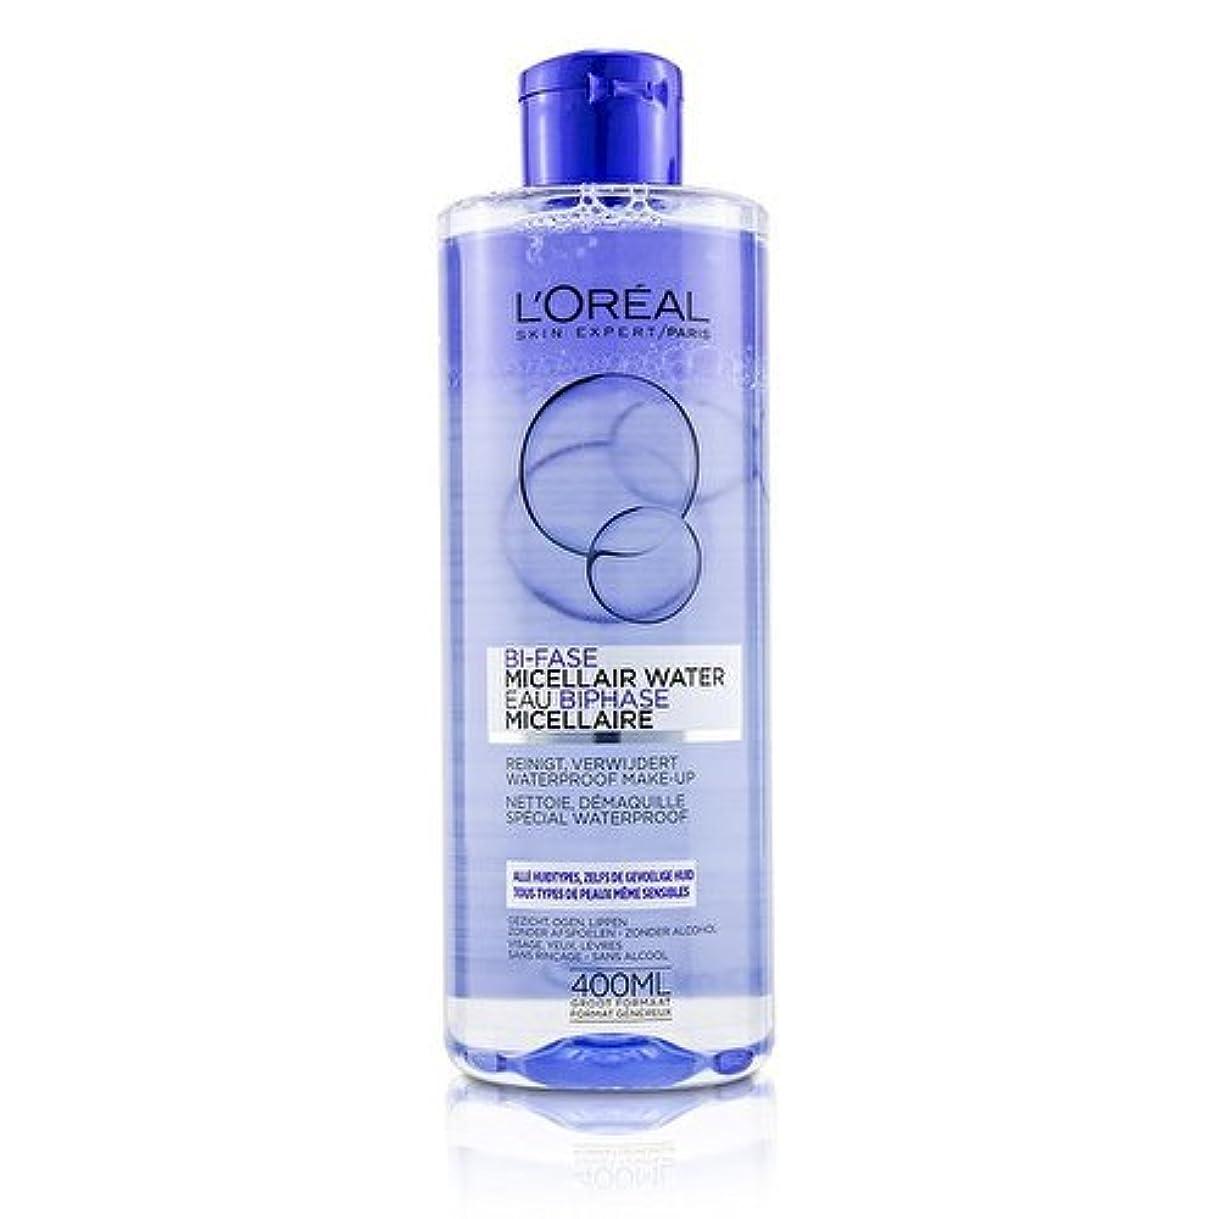 腹唯一銛ロレアル Bi-Phase Micellar Water (Bi-Fase Micellair Water) - For All Skin Types, even Sensitive Skin 400ml/13.3oz並行輸入品